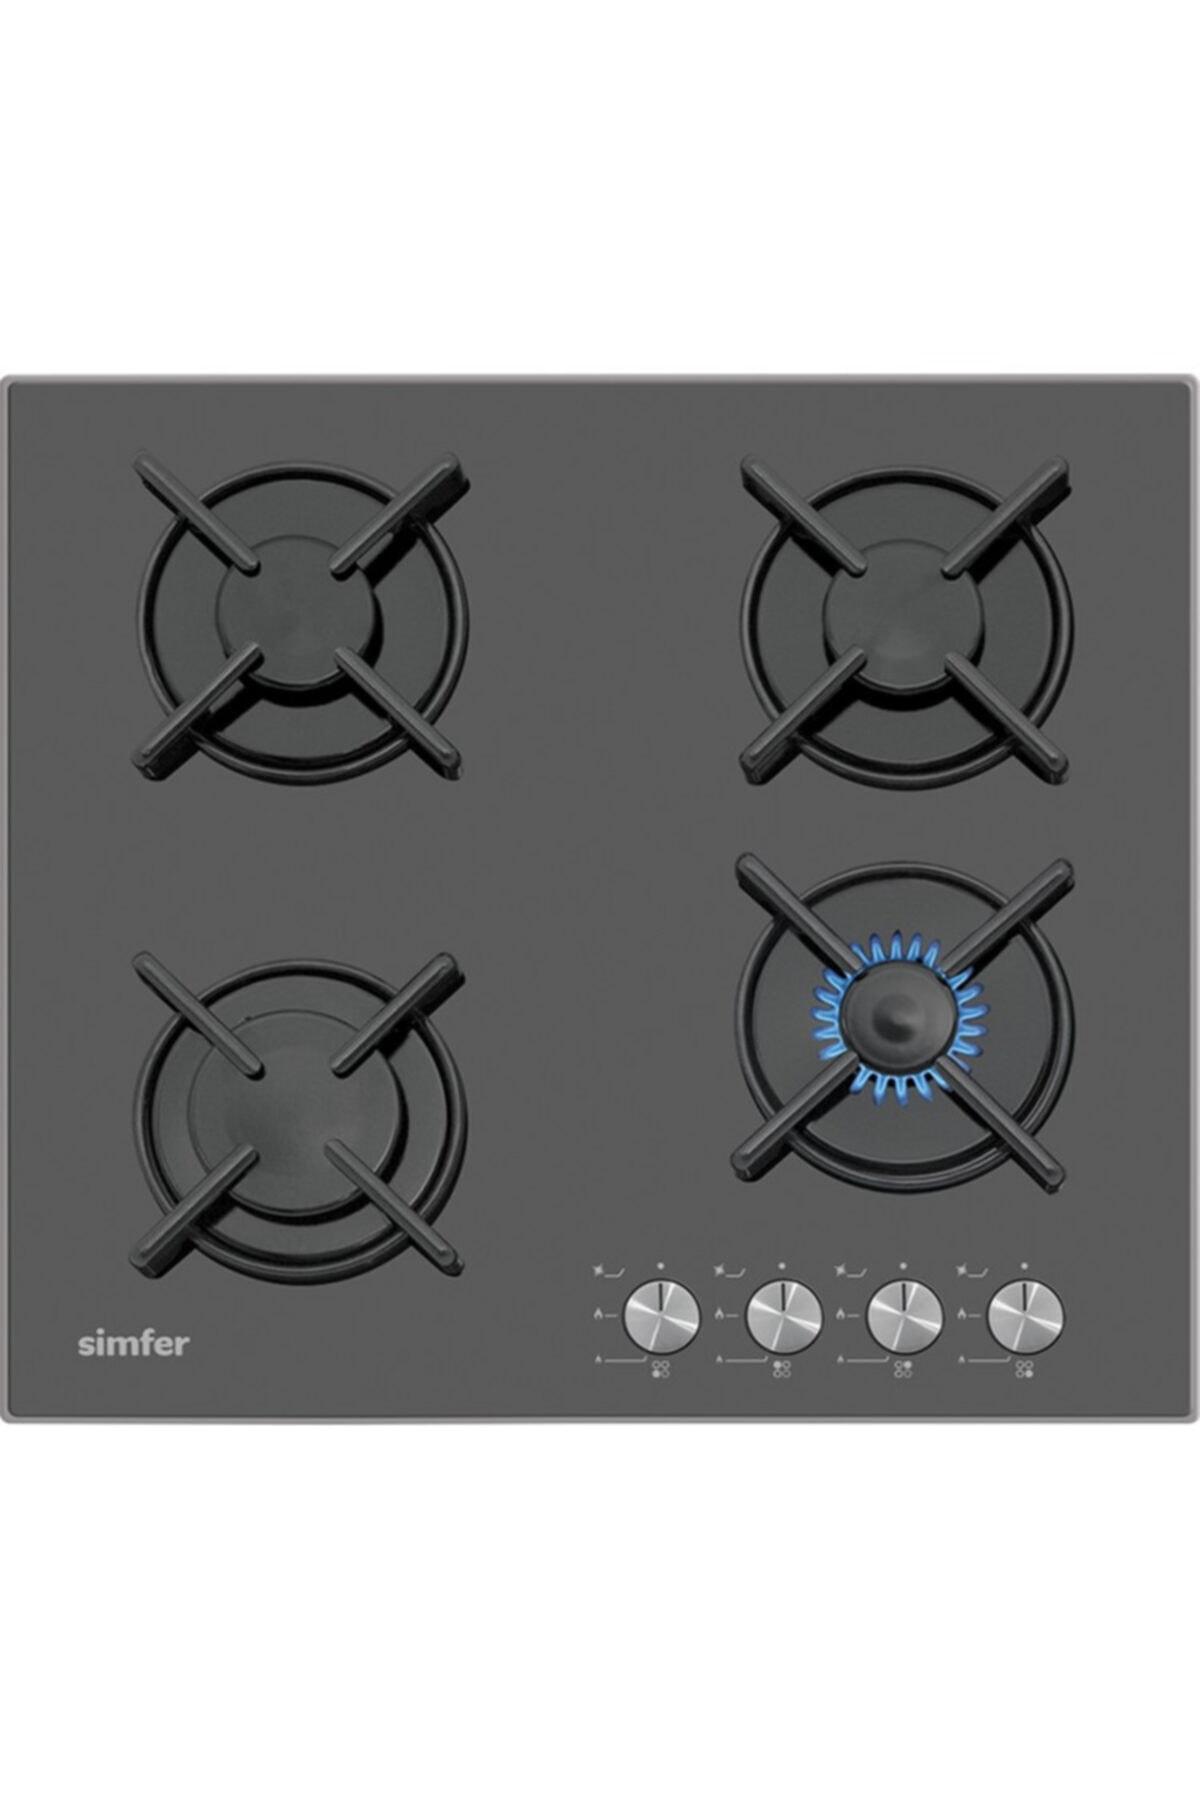 Simfer 3031 4 Gözü Gazlı Siyah Setüstü Cam Ocak (Illk Montajda Ücretsiz Lpg Veya Doğalgaz Dönüşümü) 1